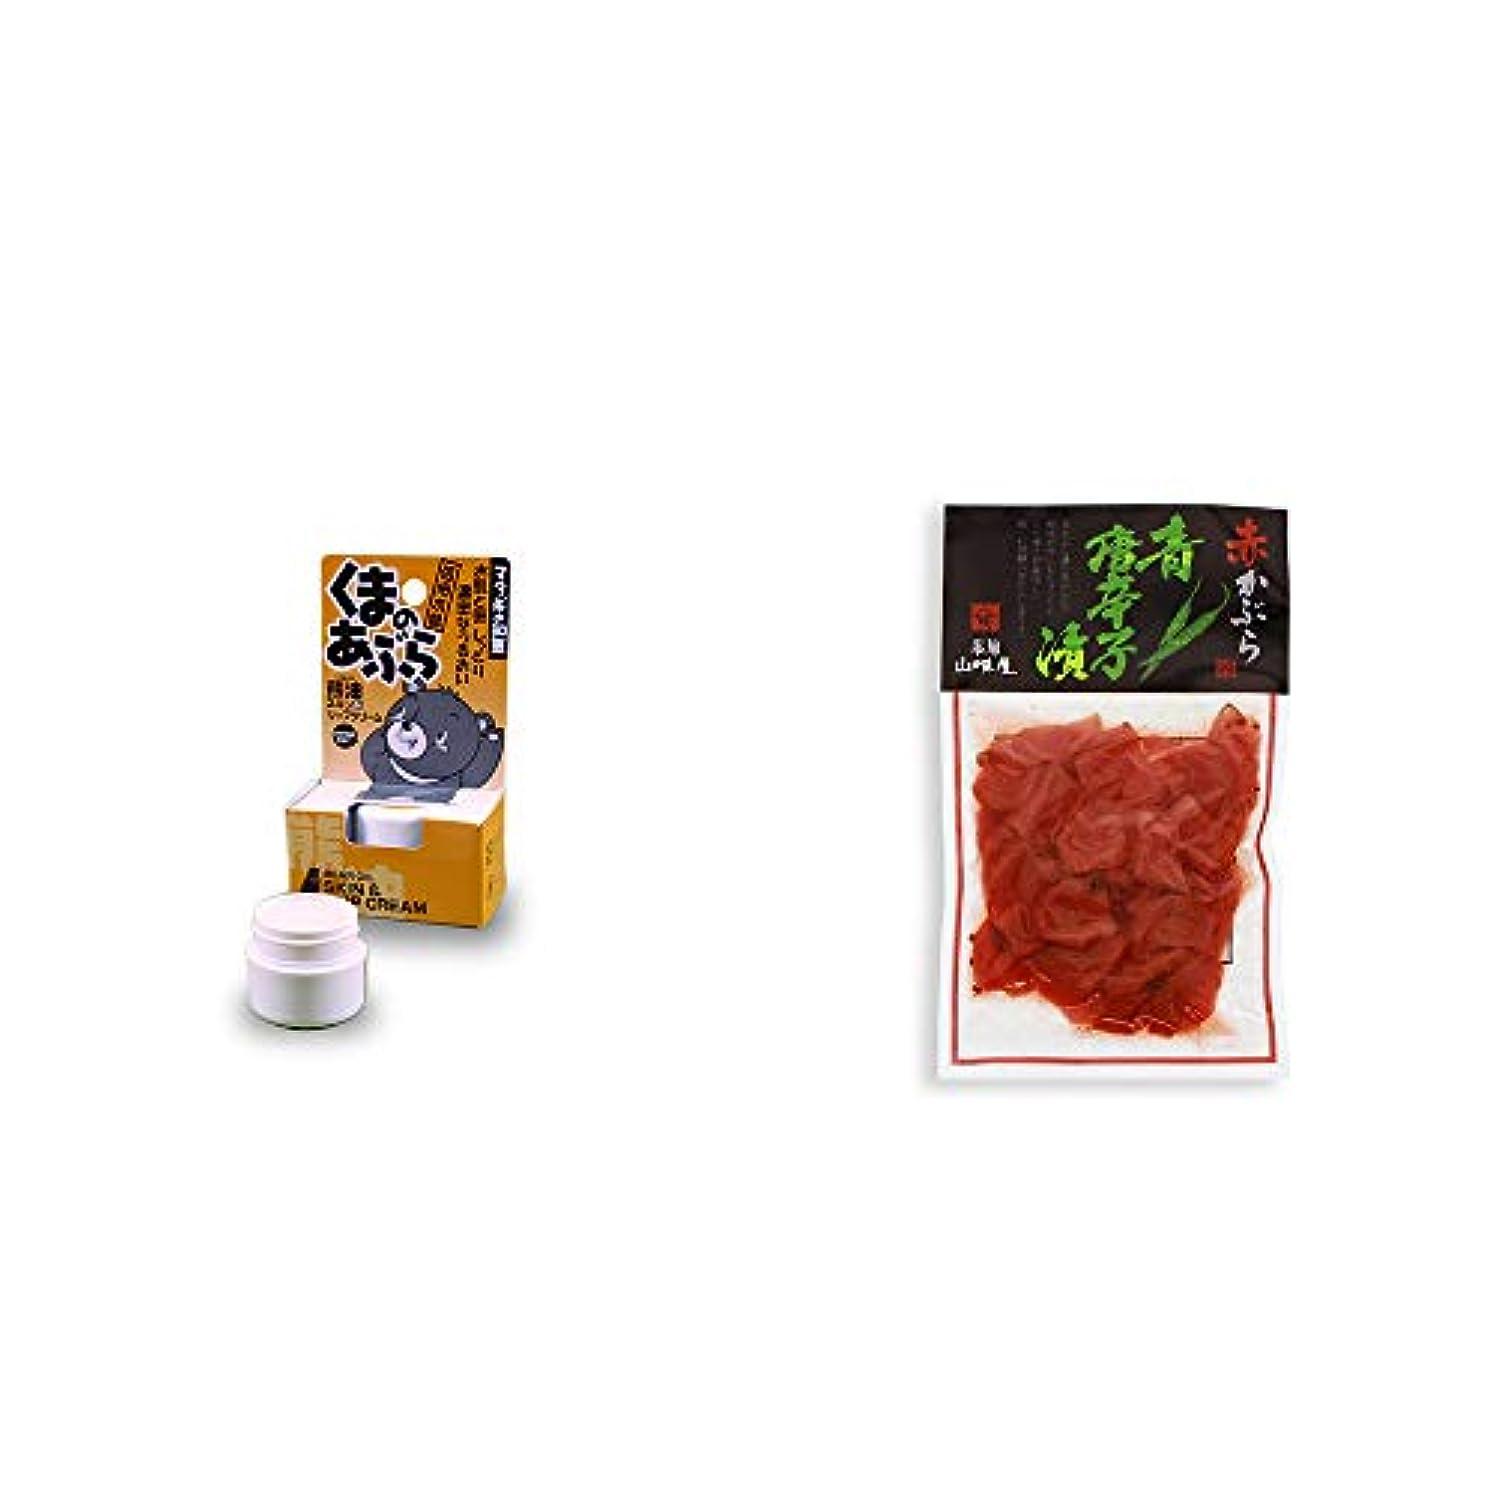 一サーマルとにかく[2点セット] 信州木曽 くまのあぶら 熊油スキン&リップクリーム(9g)?飛騨山味屋 赤かぶら 青唐辛子漬(140g)